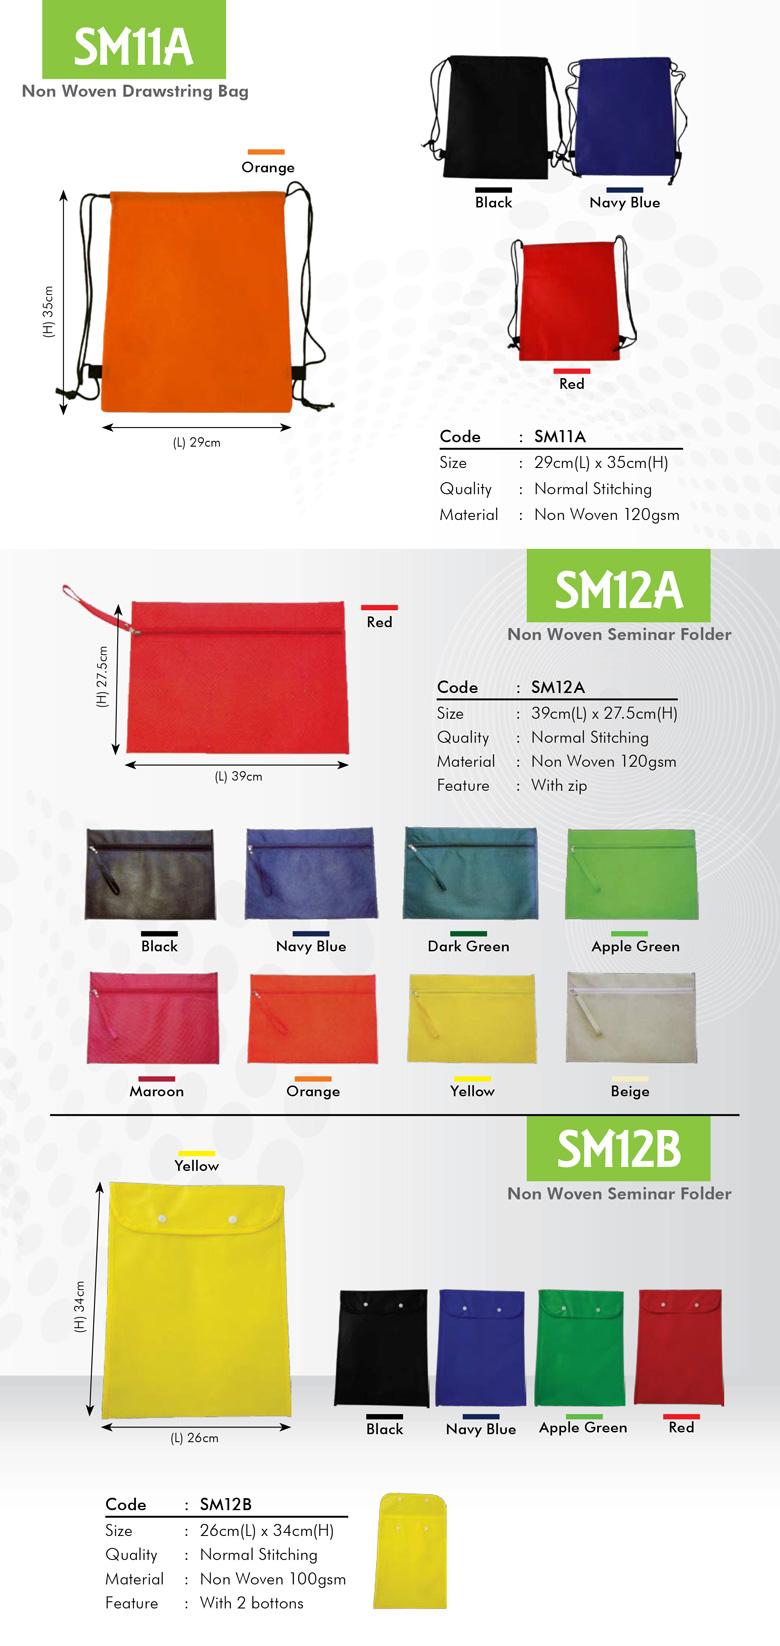 Non Woven Seminar Folder Printing Services